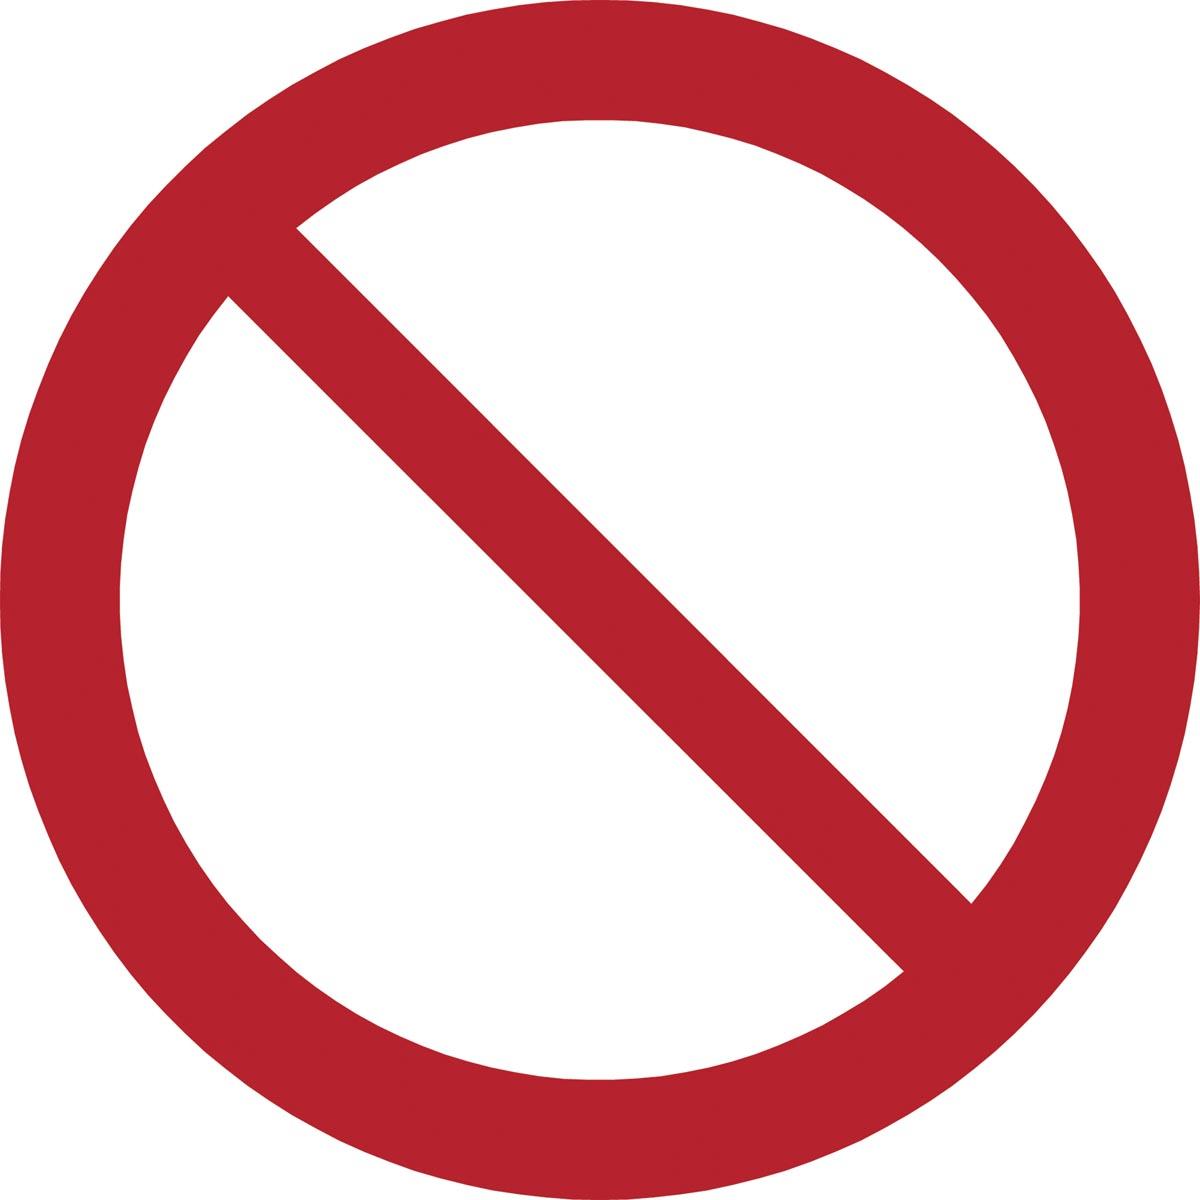 Tarifold verbodsbord uit PP, algemeen verbod, diameter 20 cm